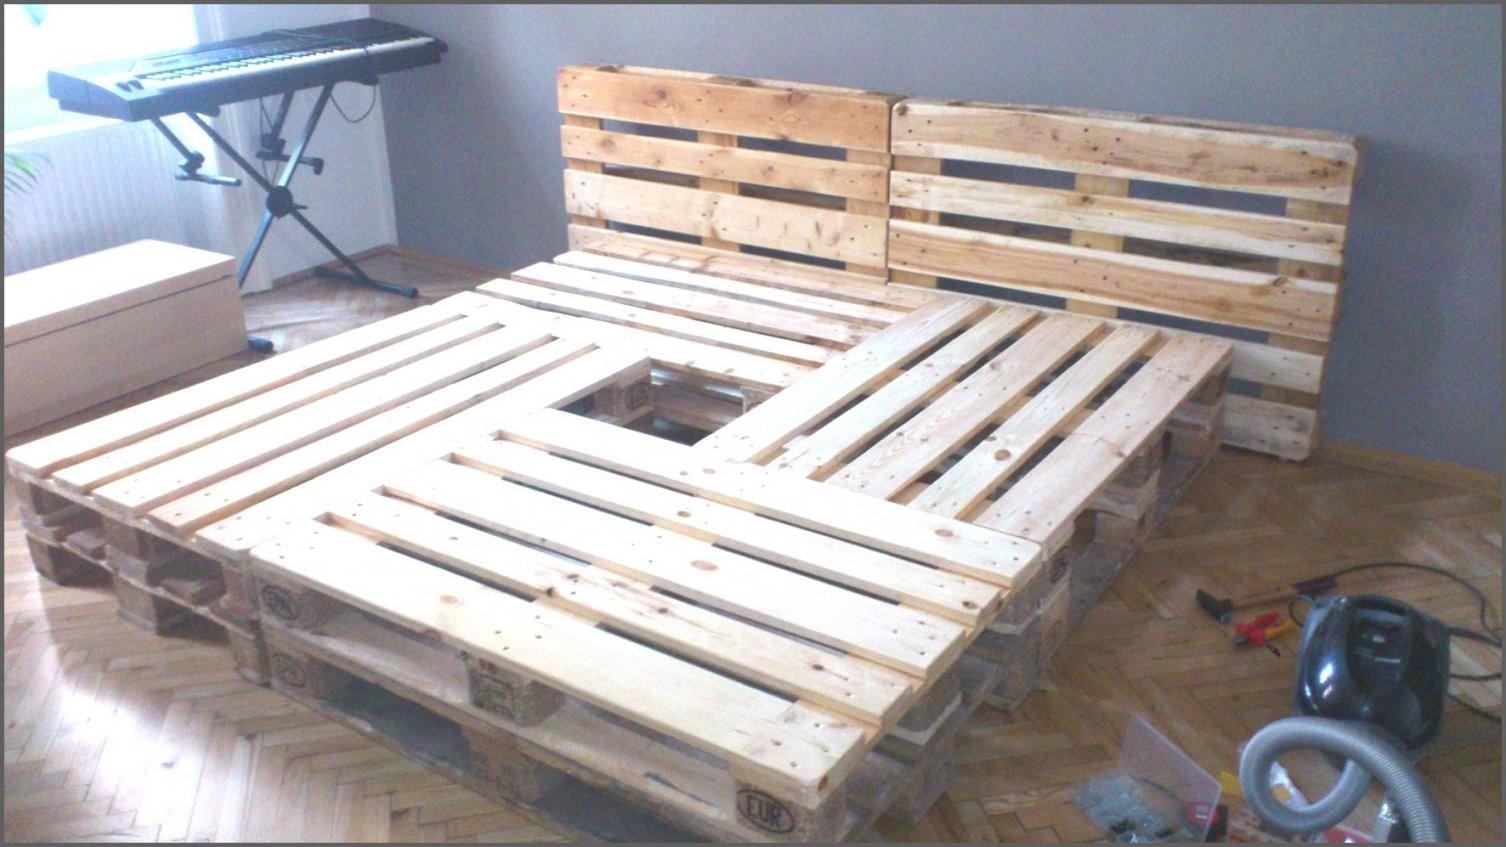 Sthetische Ideen Bett Aus Europaletten Bauen Und Tolle Selber 140 von Bett Mit Europaletten Bauen Bild